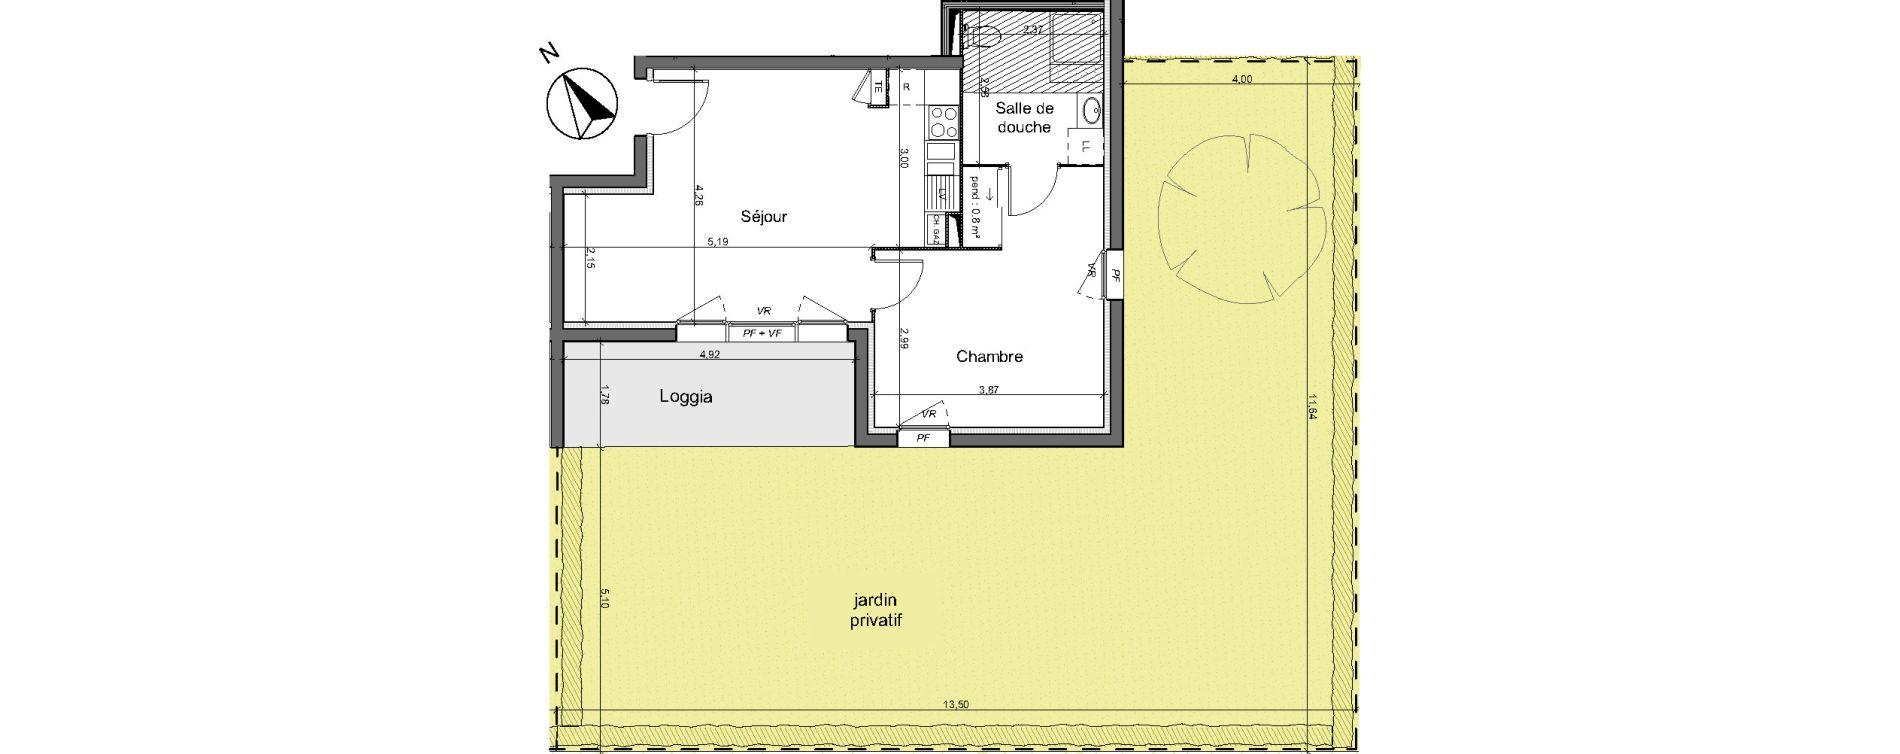 Appartement T2 de 44,20 m2 au Pian-Médoc Centre